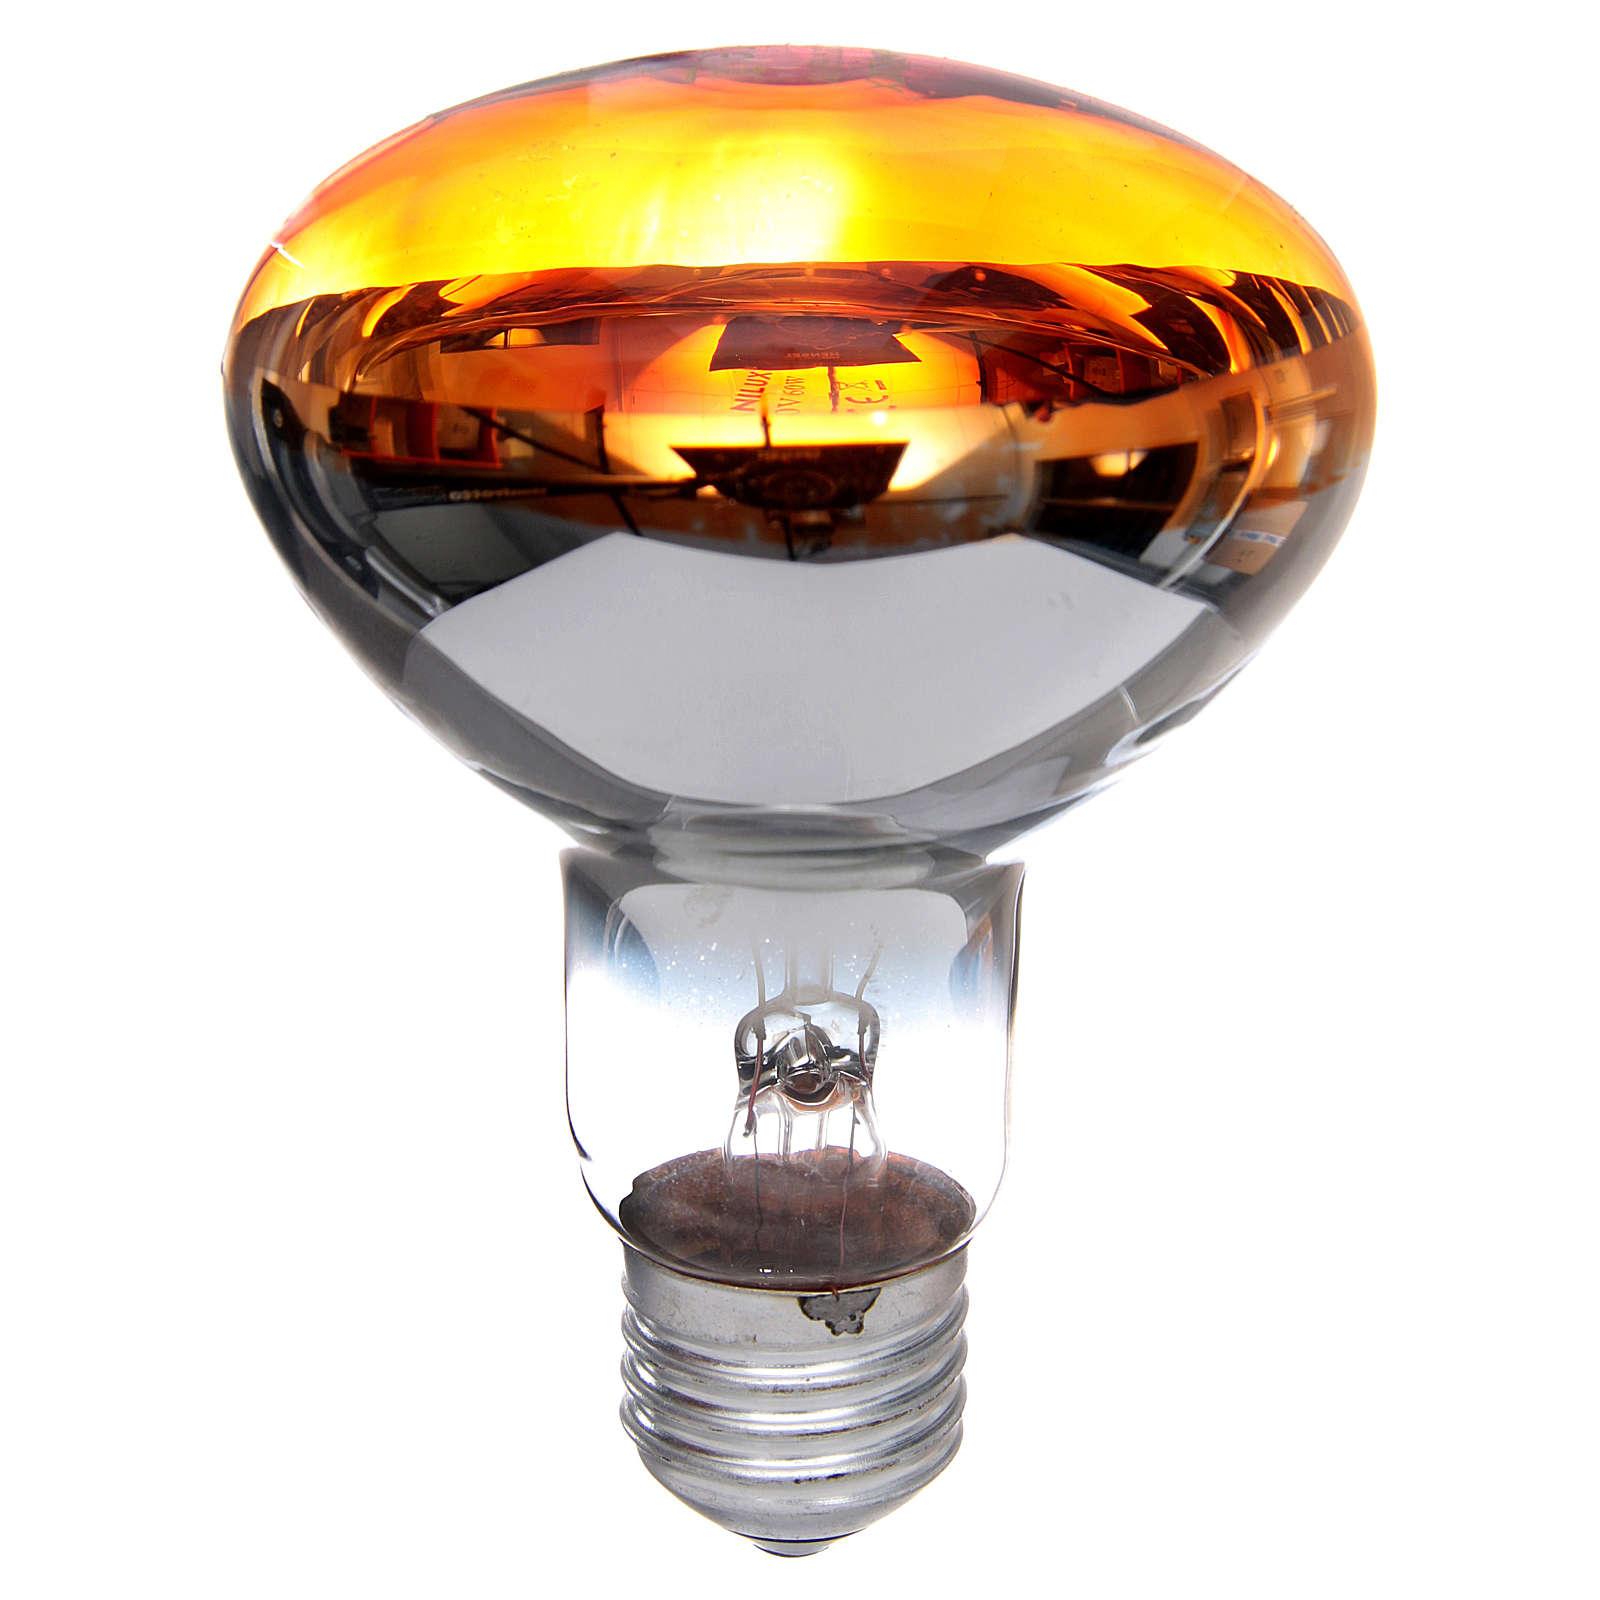 Lampada fascio diffuso 80° arancione E27 illuminazione presepi 4